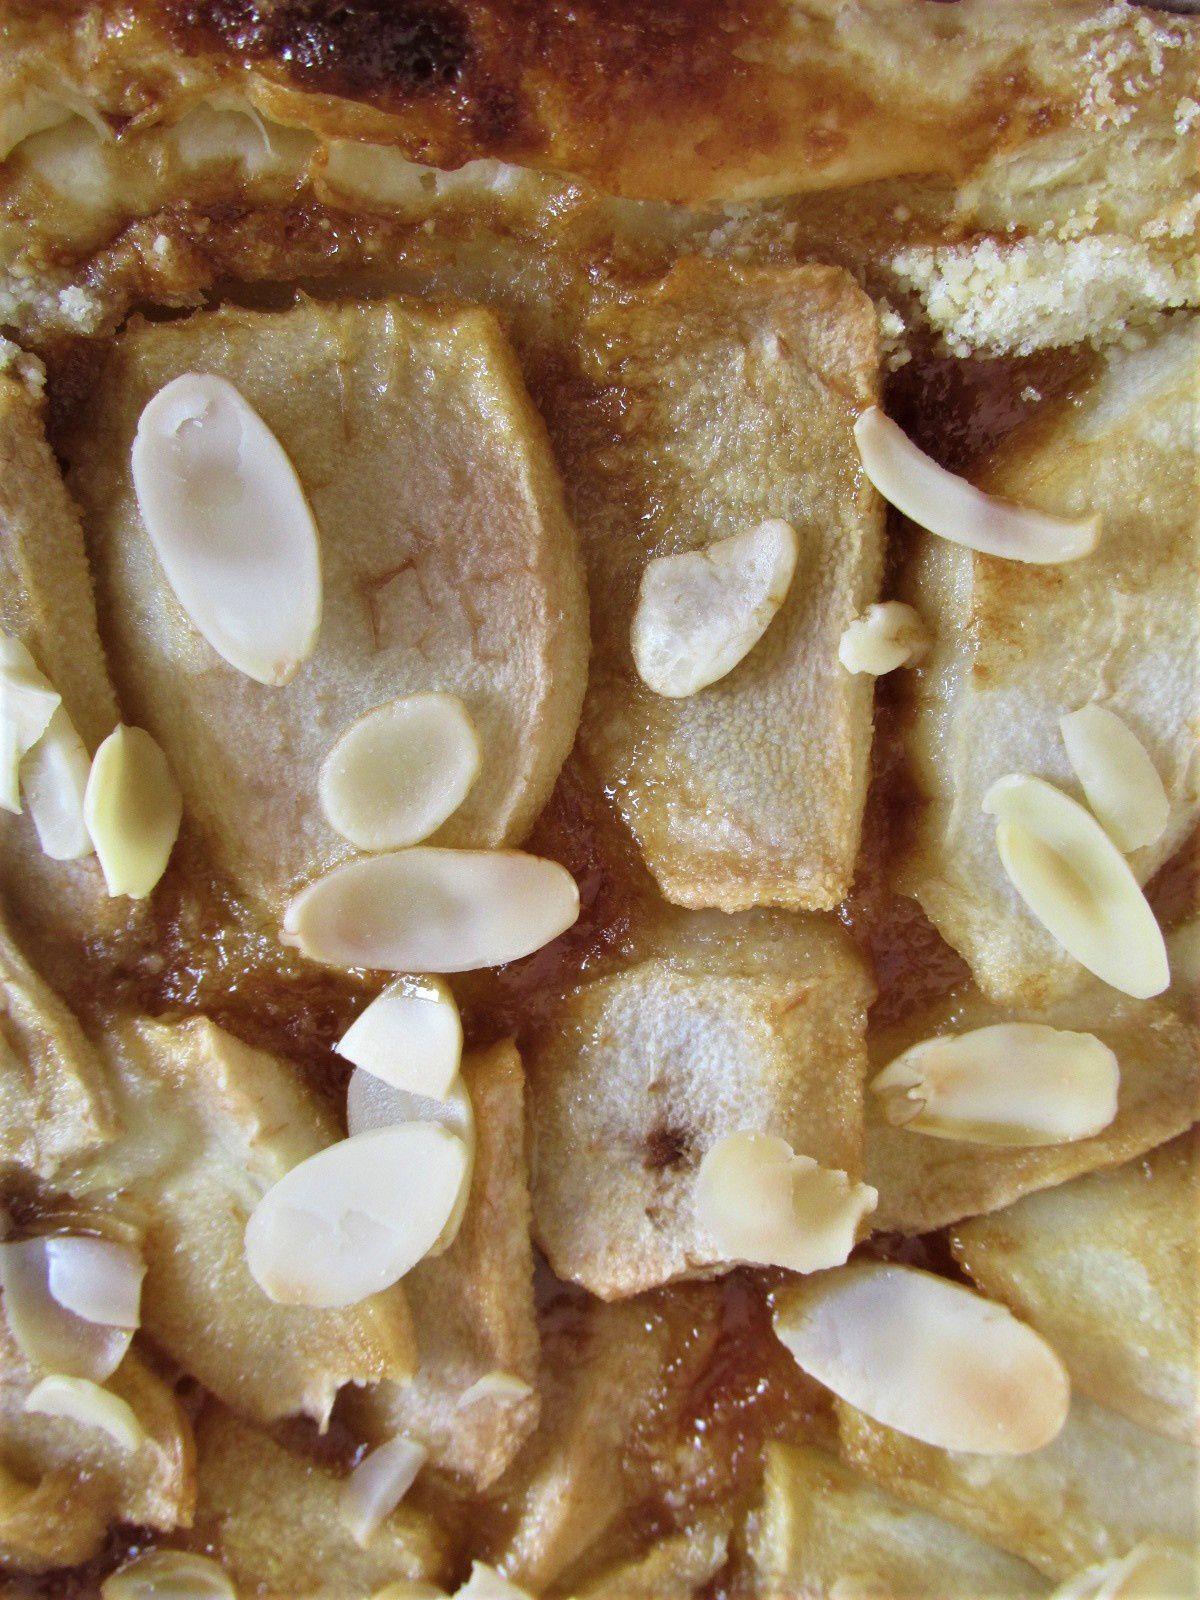 ~ Poire, amandes effilées, coulis de caramel salé ~